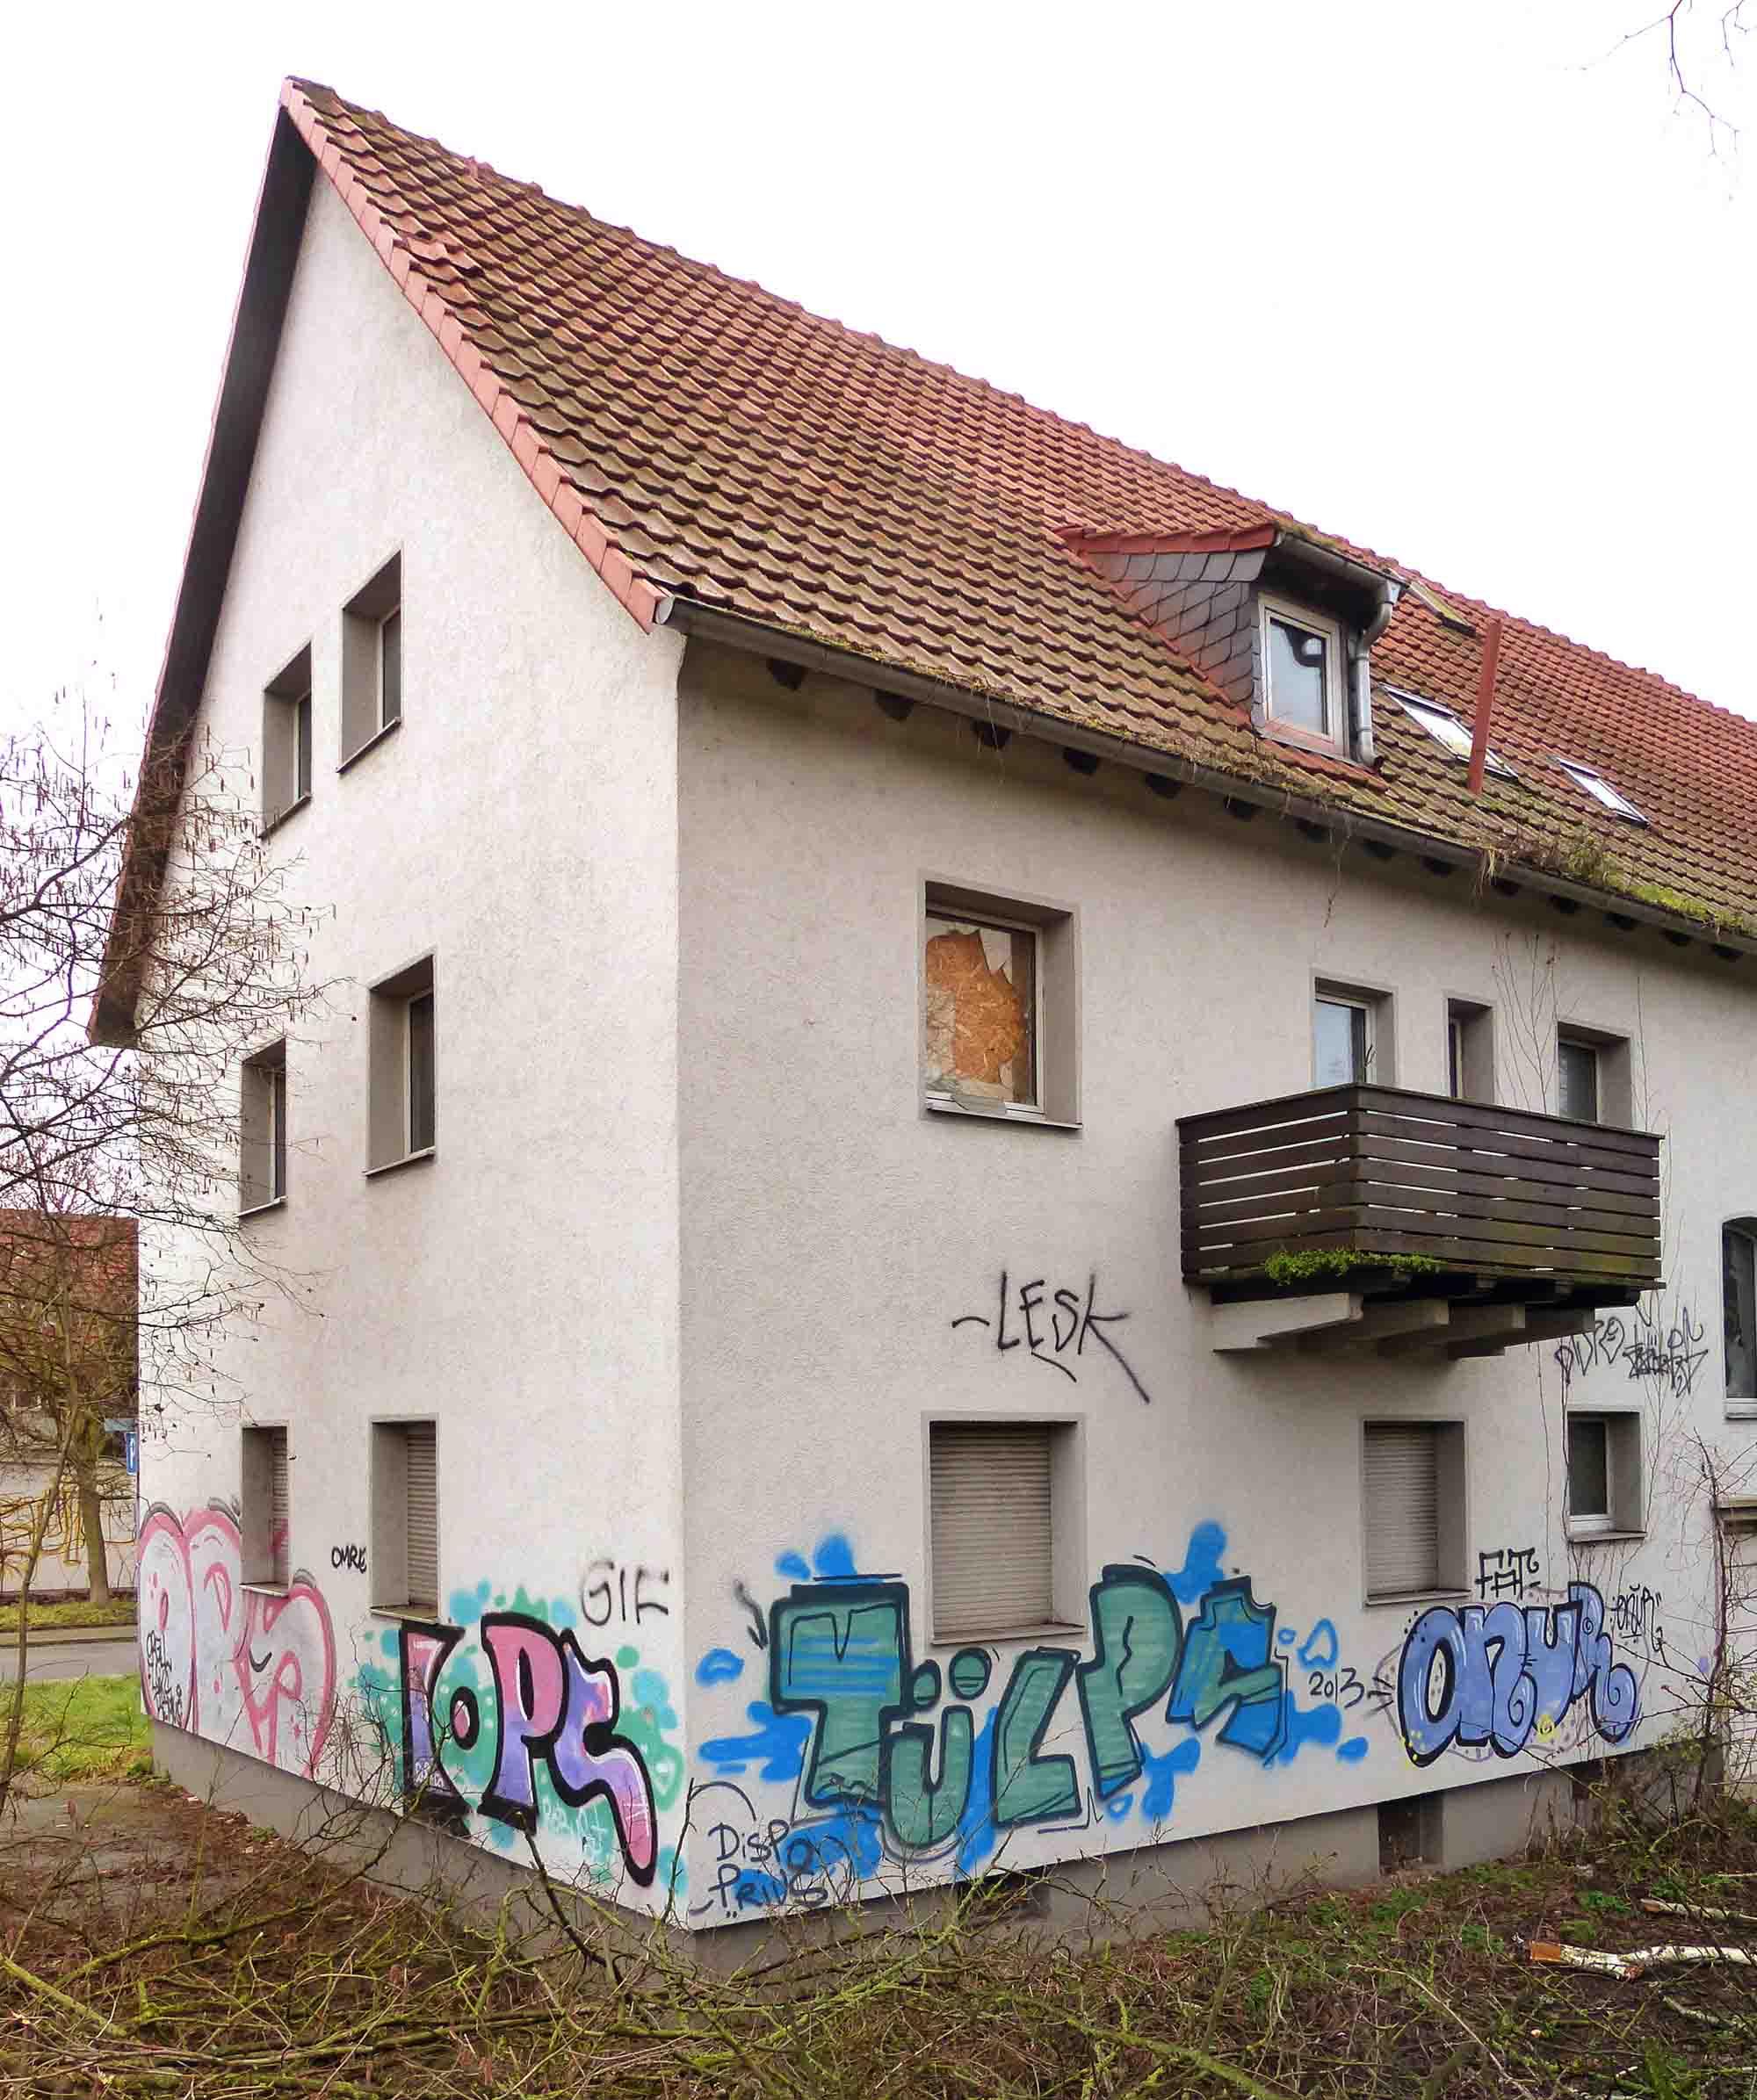 Verwahrlosung der Wohnsiedlung Kinzigheimer Weg